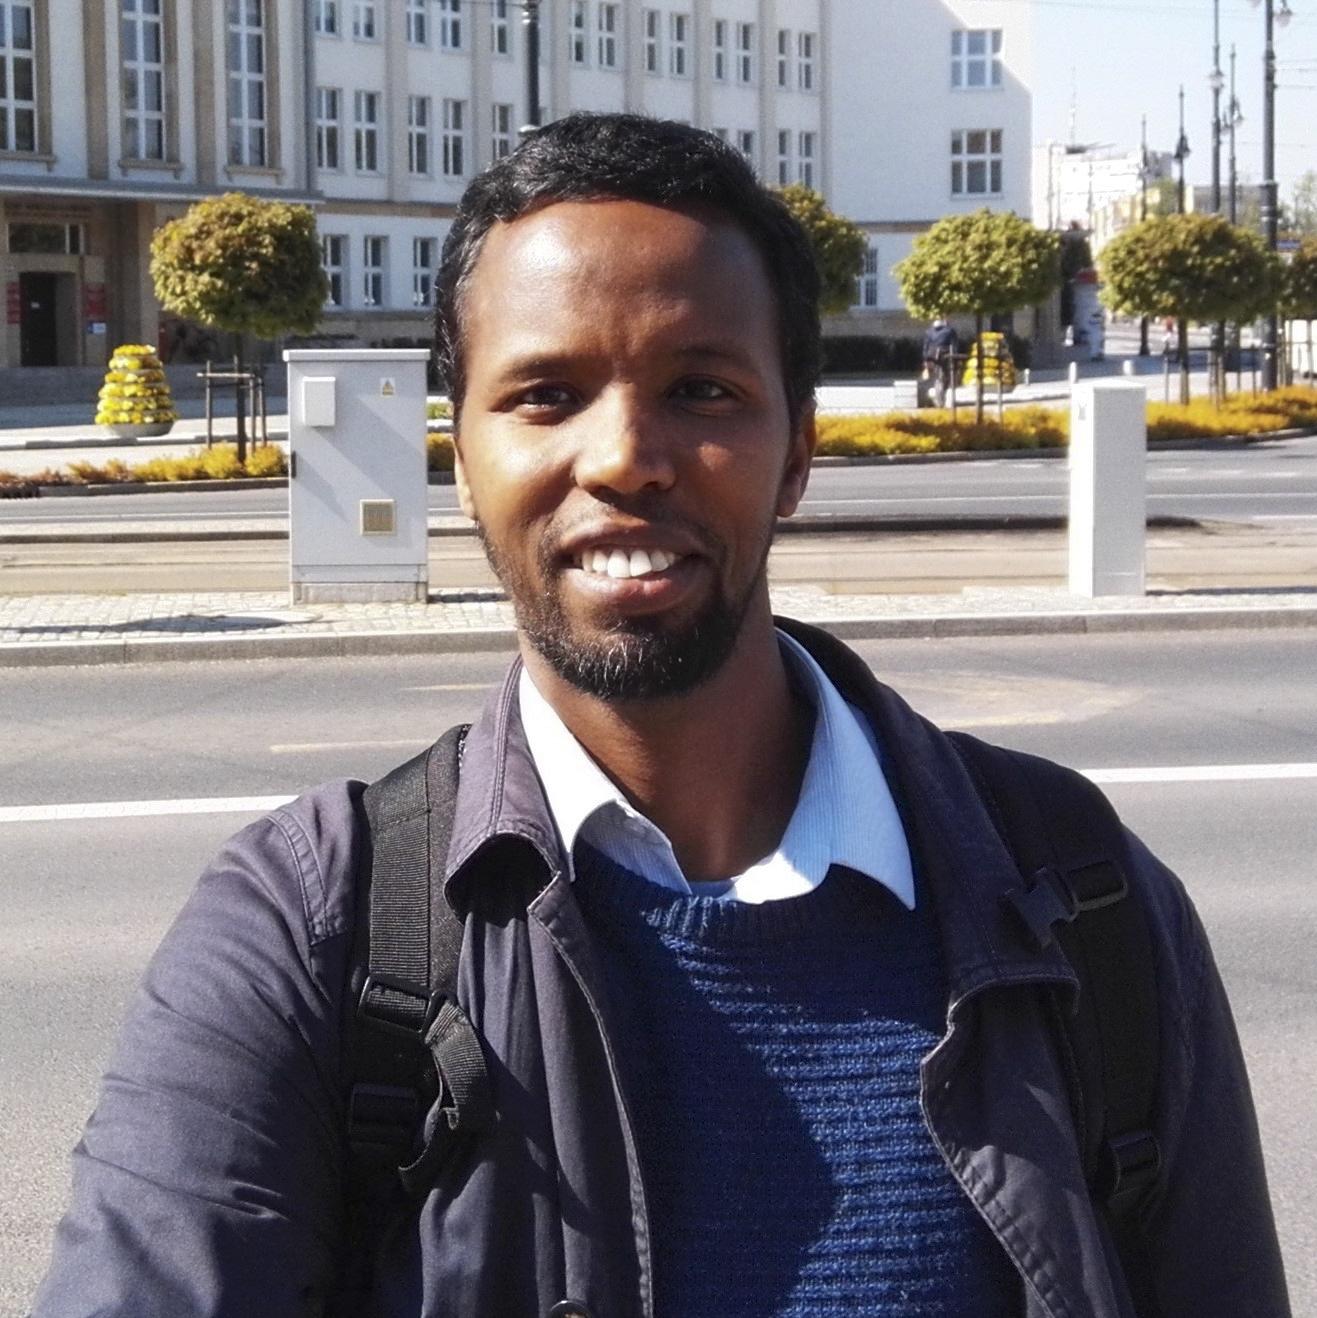 Abdinasir Jama